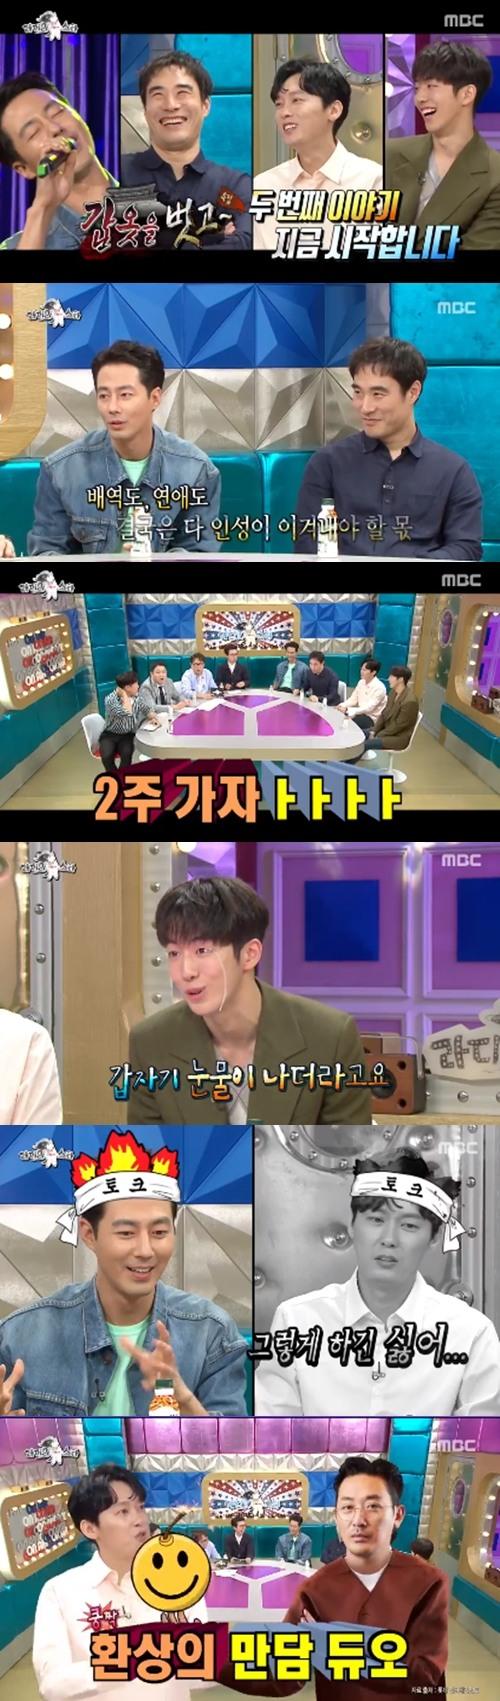 Jo In Sung kể về chuyến du lịch với D.O. (EXO) - Lee Kwang Soo và khó khăn mà bạn gái tương lai phải đối mặt - Hình 1